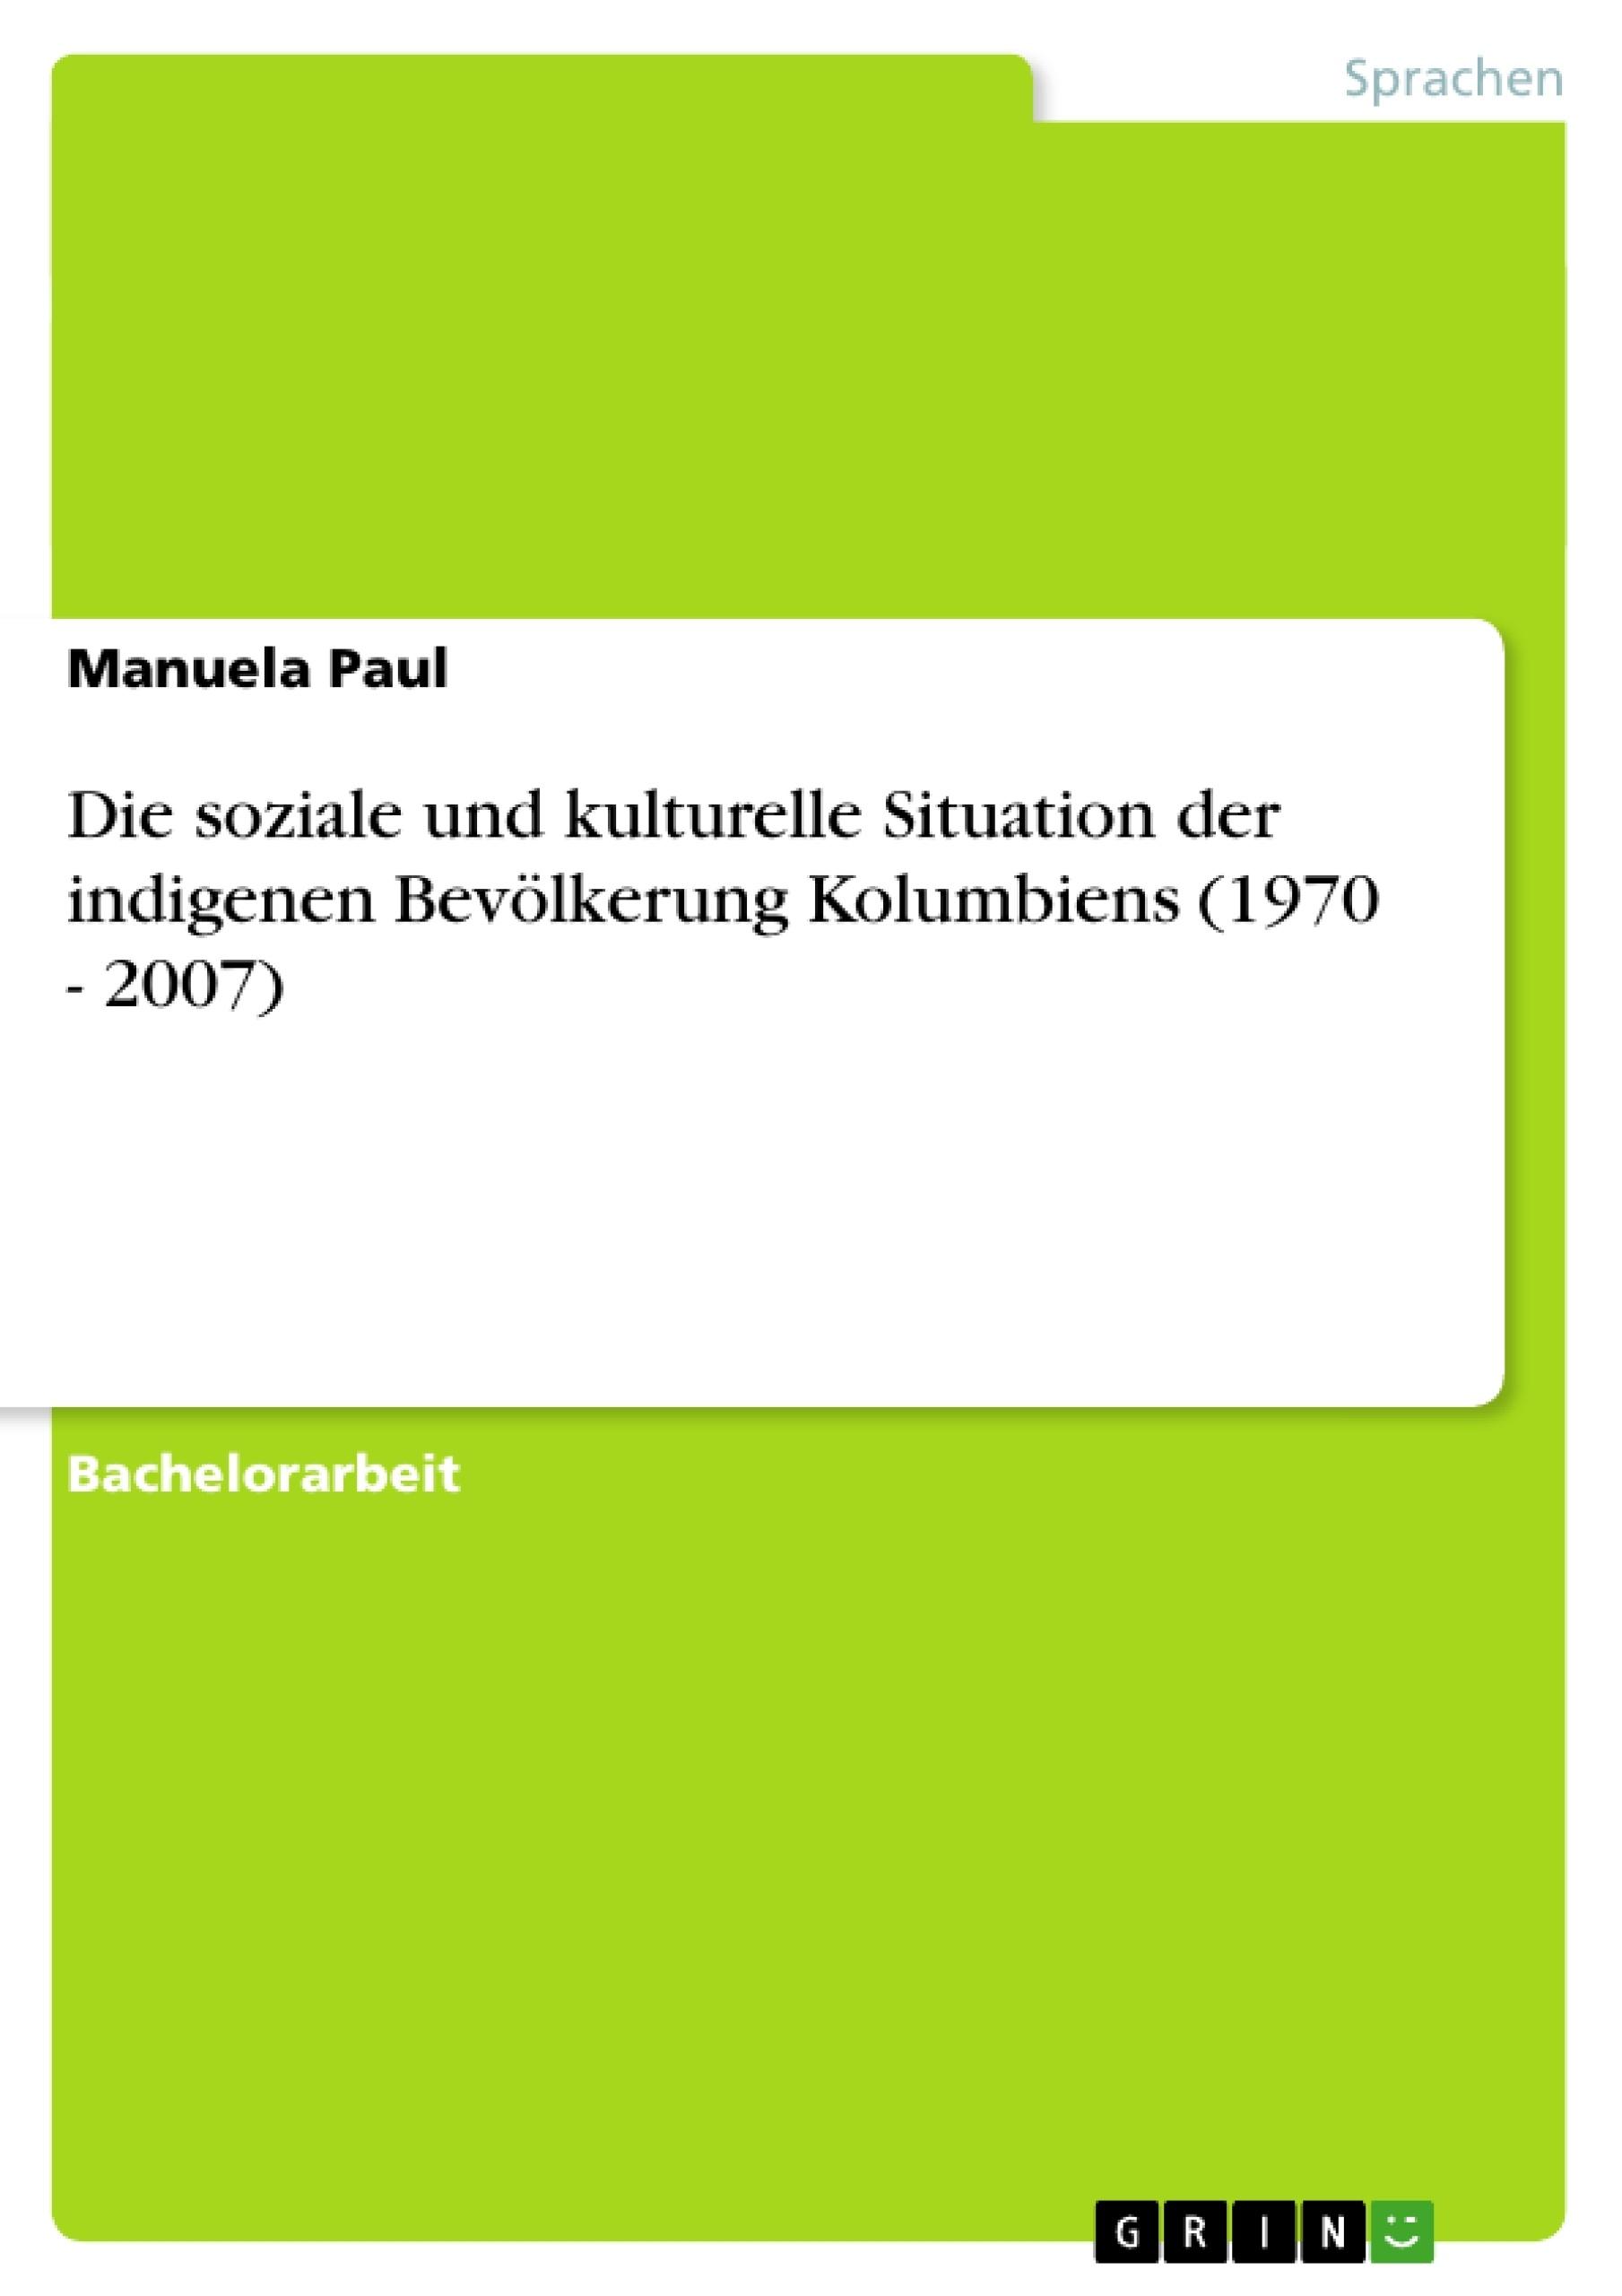 Titel: Die soziale und kulturelle Situation der indigenen Bevölkerung Kolumbiens (1970 - 2007)